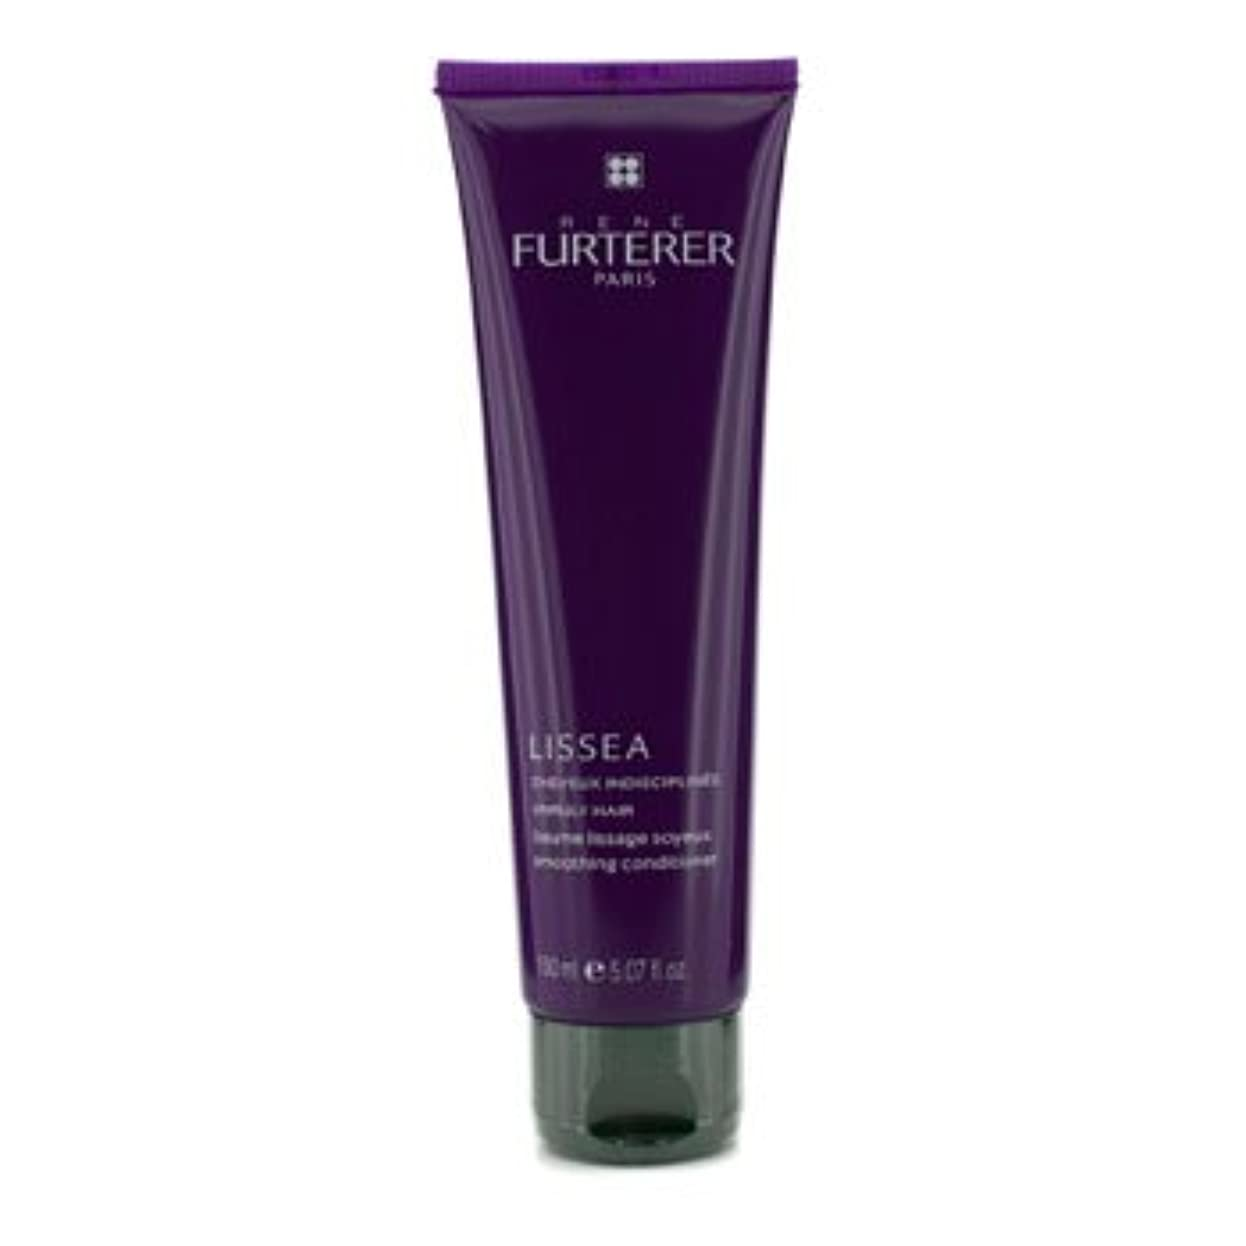 契約振り子体操[Rene Furterer] Lissea Smoothing Conditioner (For Unruly Hair) 150ml/5.07oz